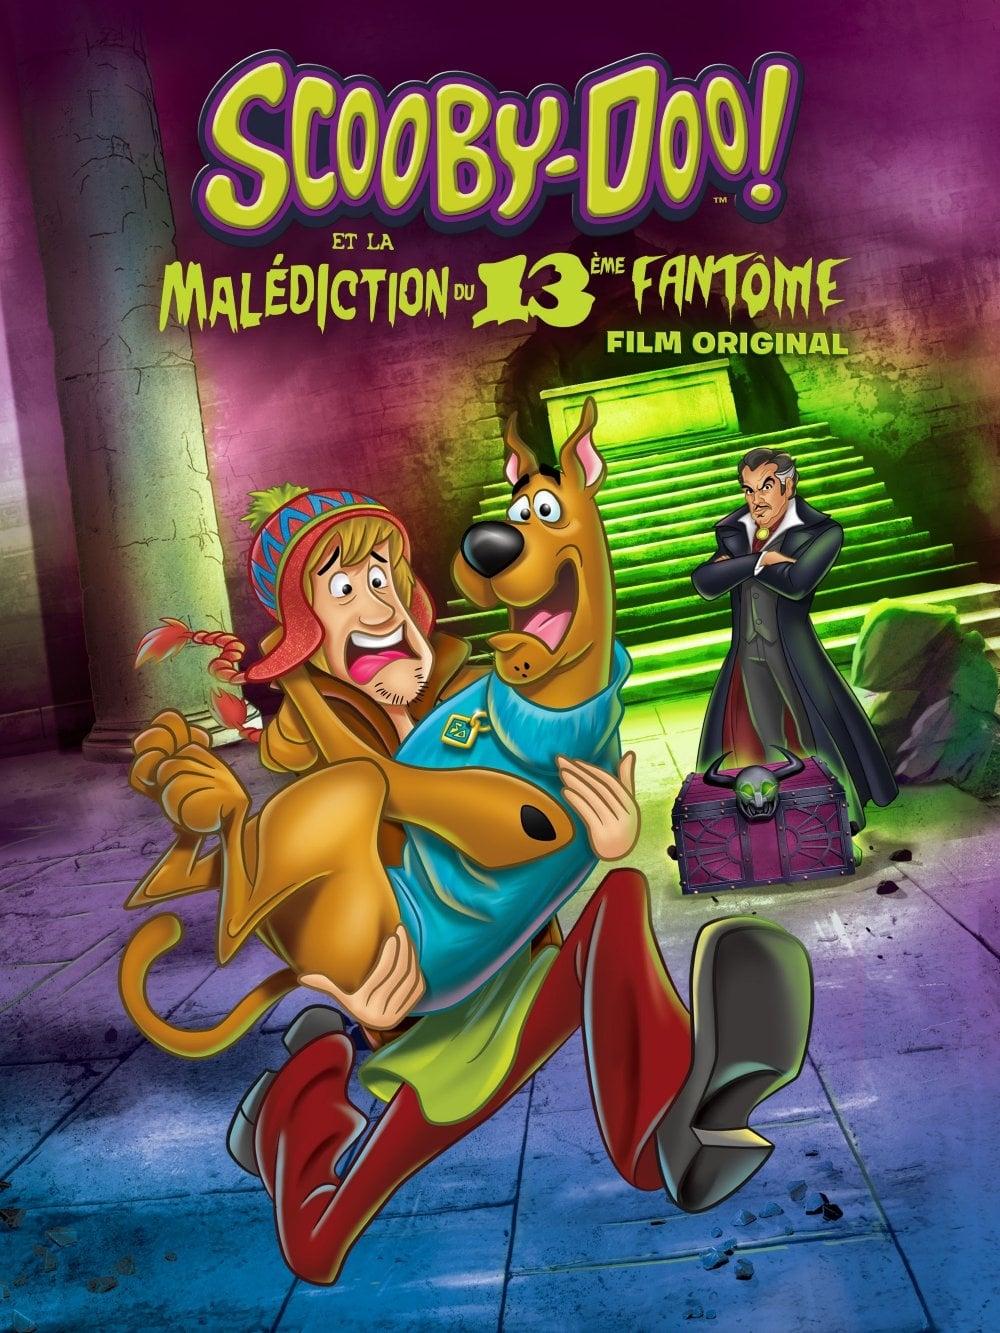 Scooby-Doo ! et la malédiction du 13ème fantôme sur annuaire telechargement